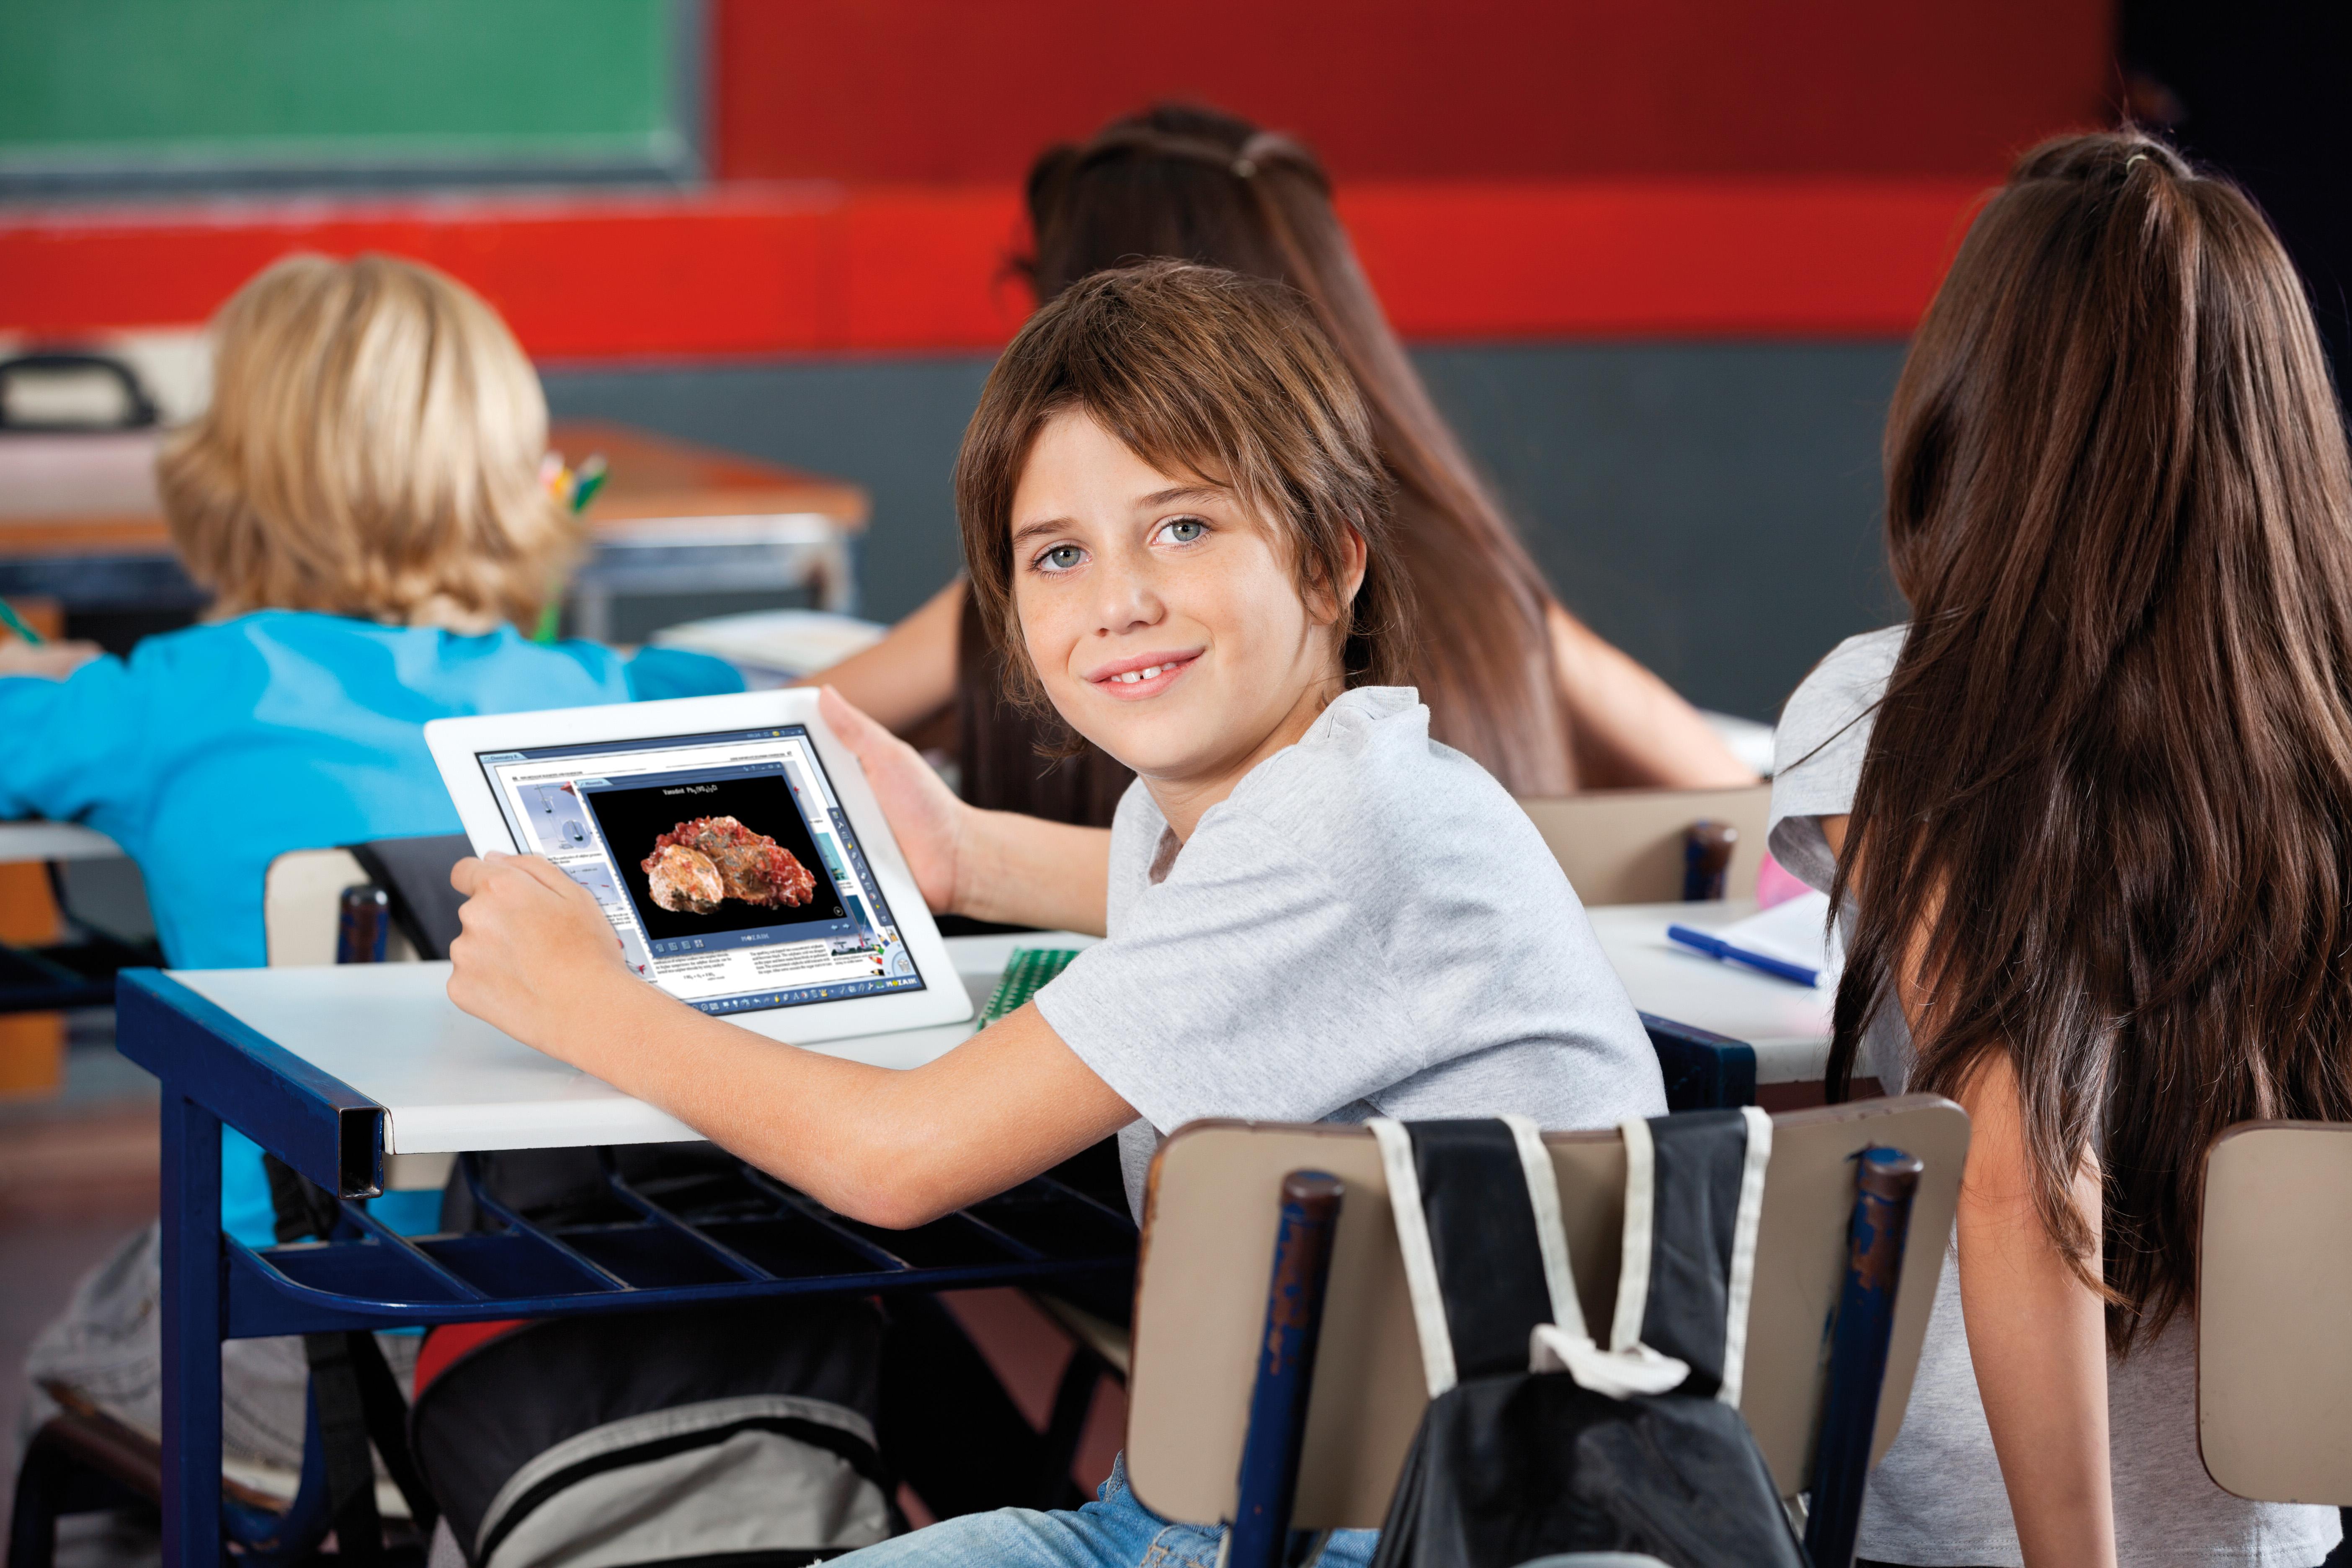 MozaBook tablet